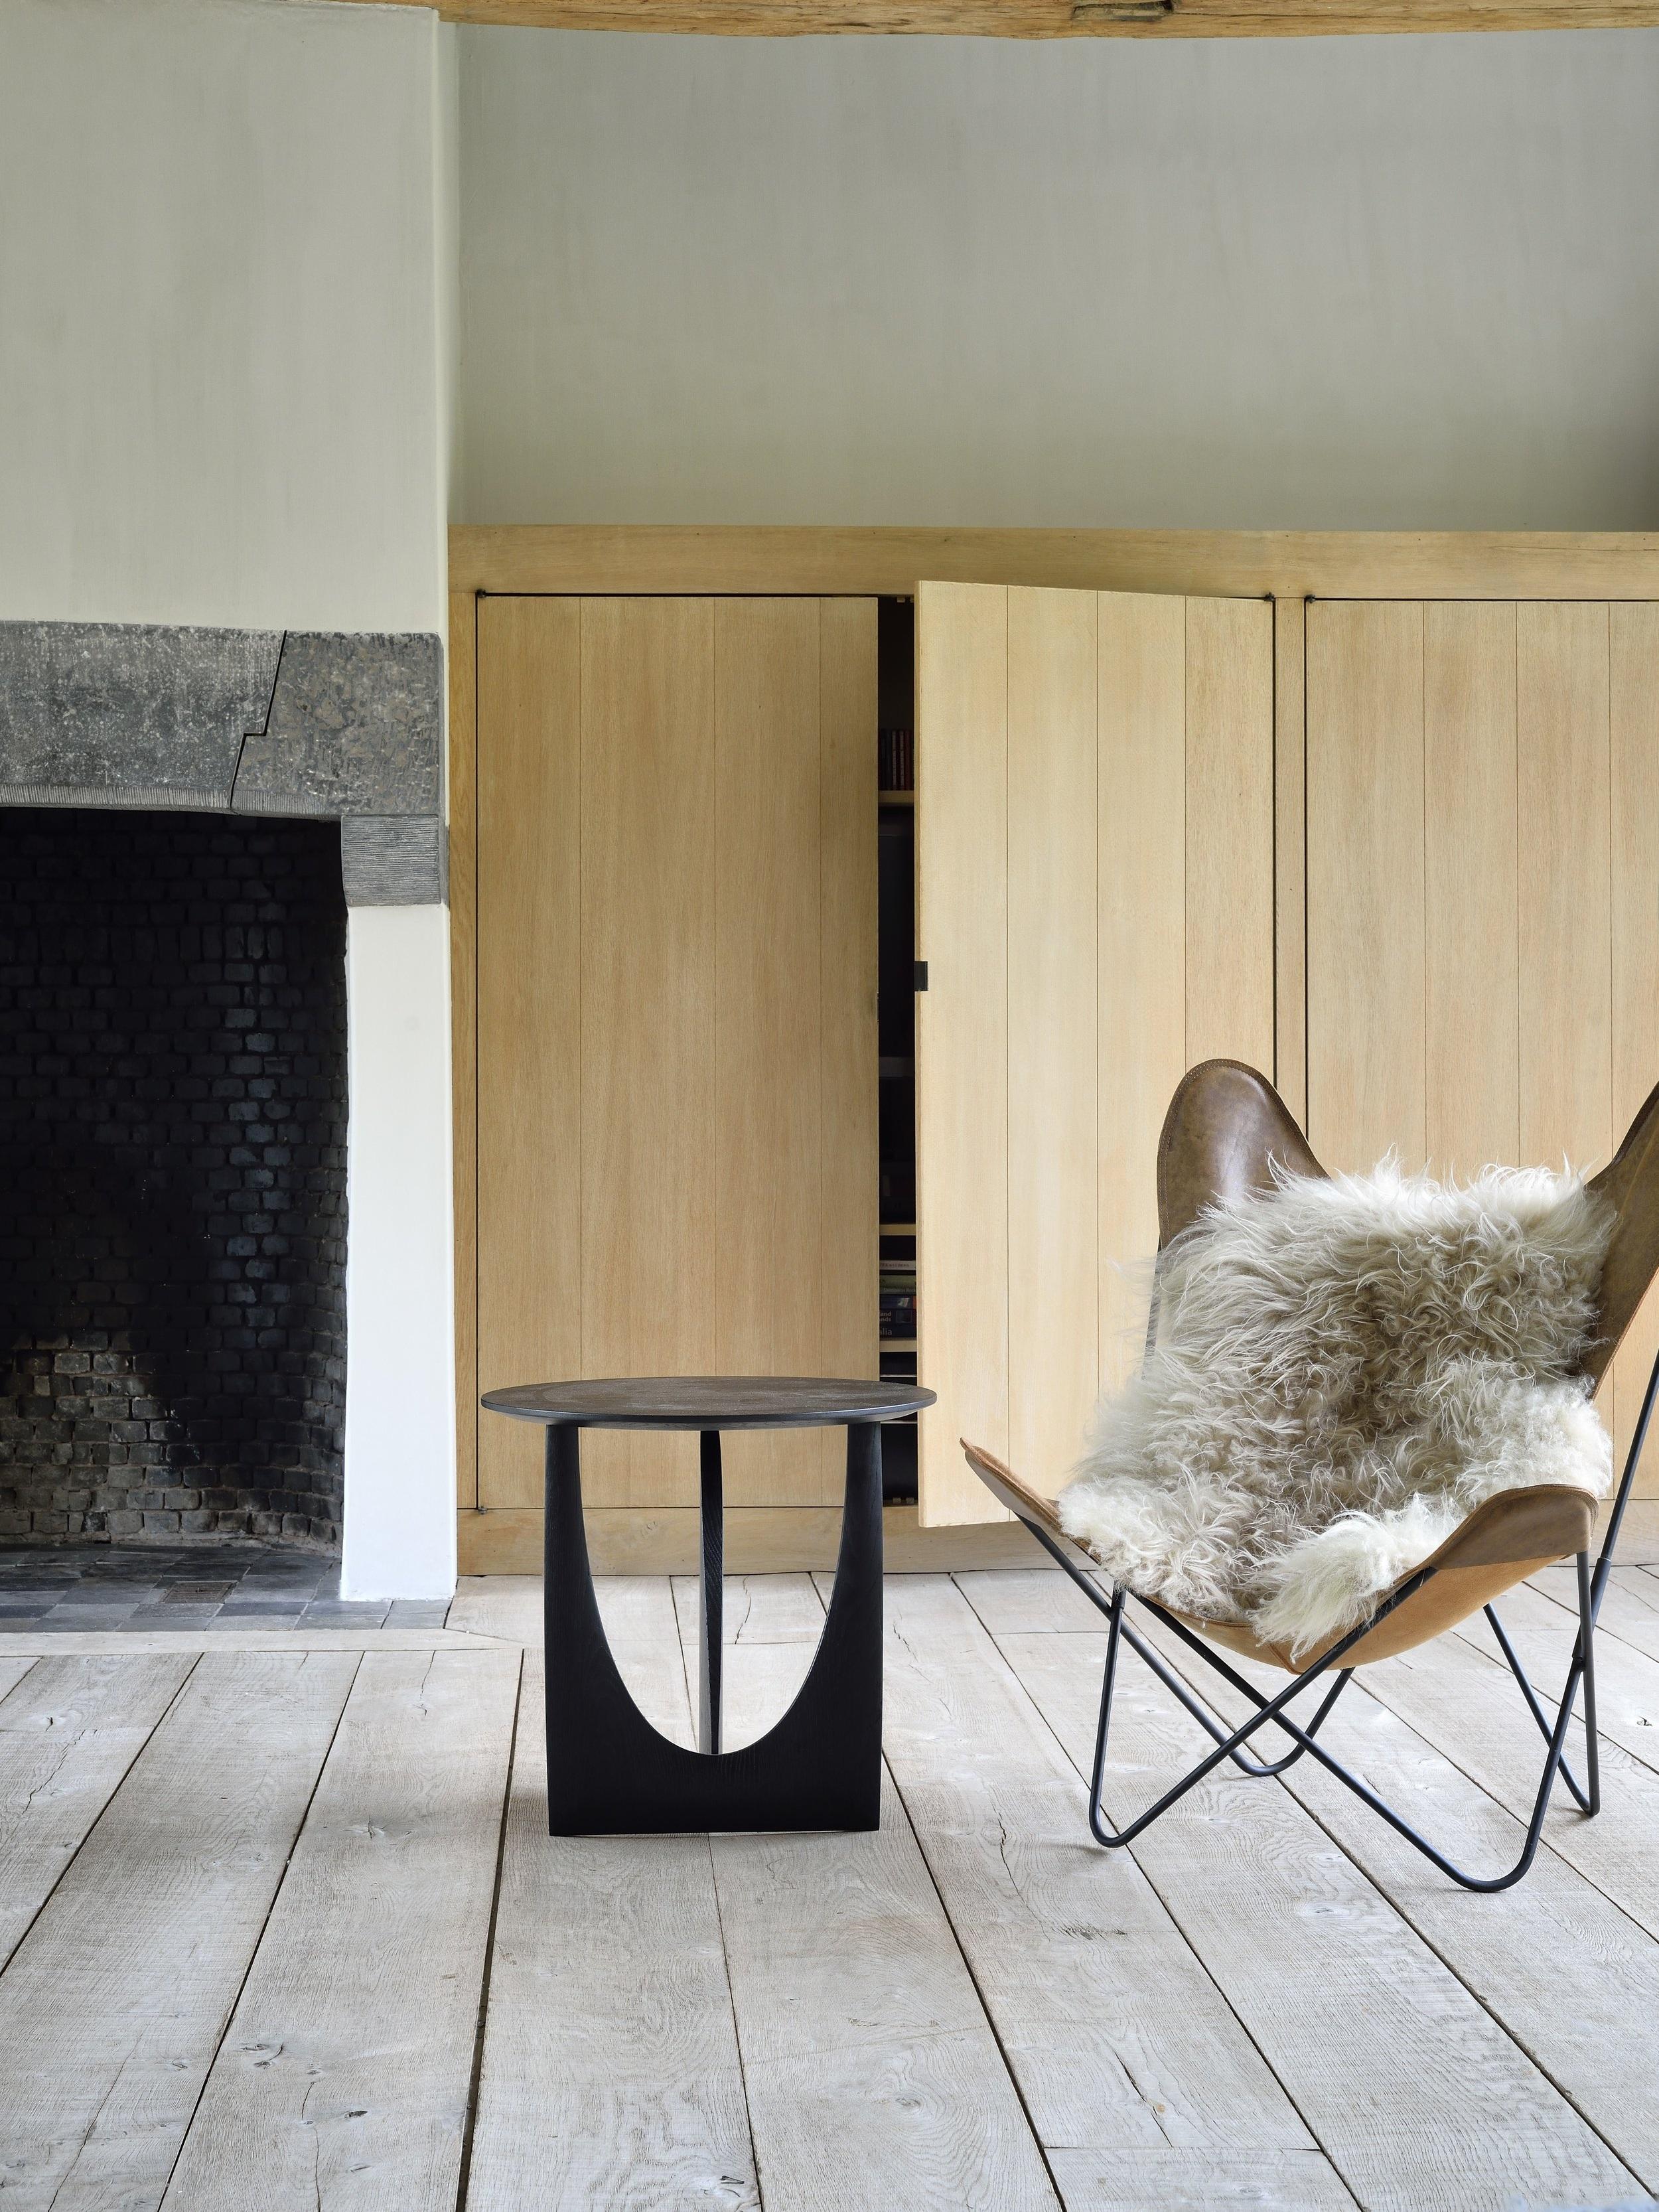 50536-Geometric-side-table-oak-black-3.jpg